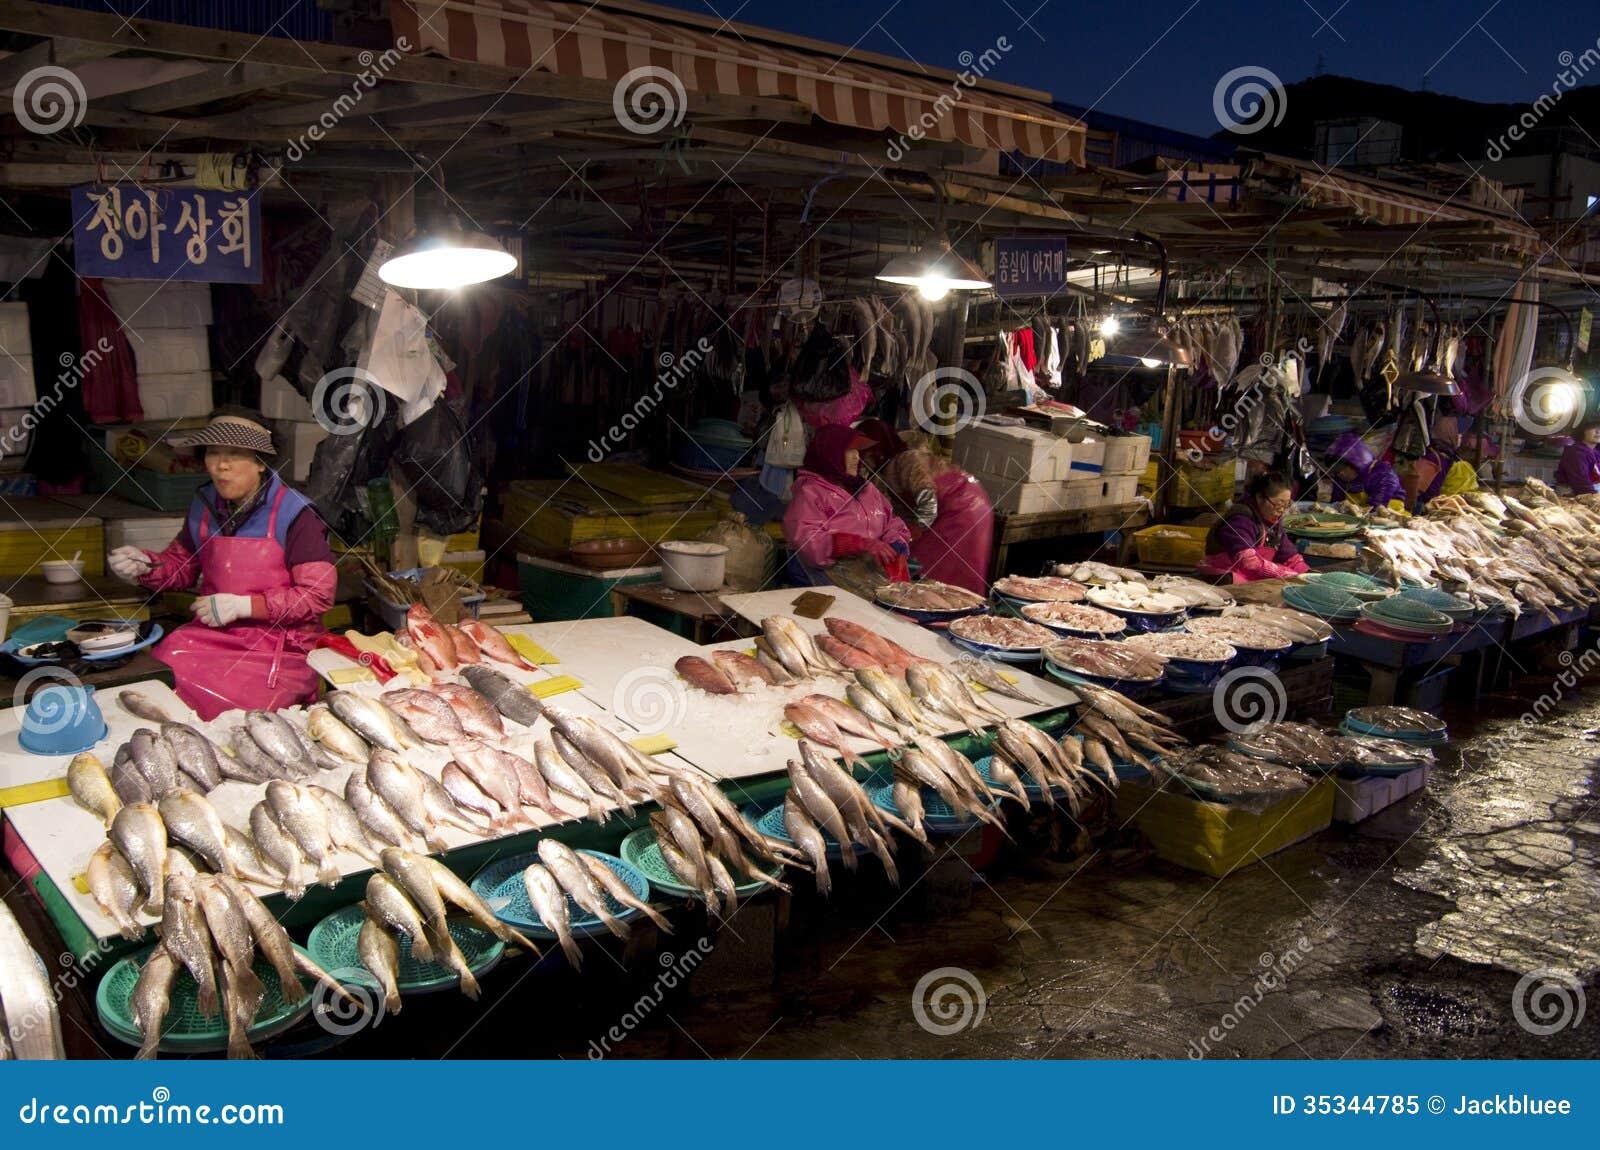 Korean Women Working At Fish Market Editorial Image